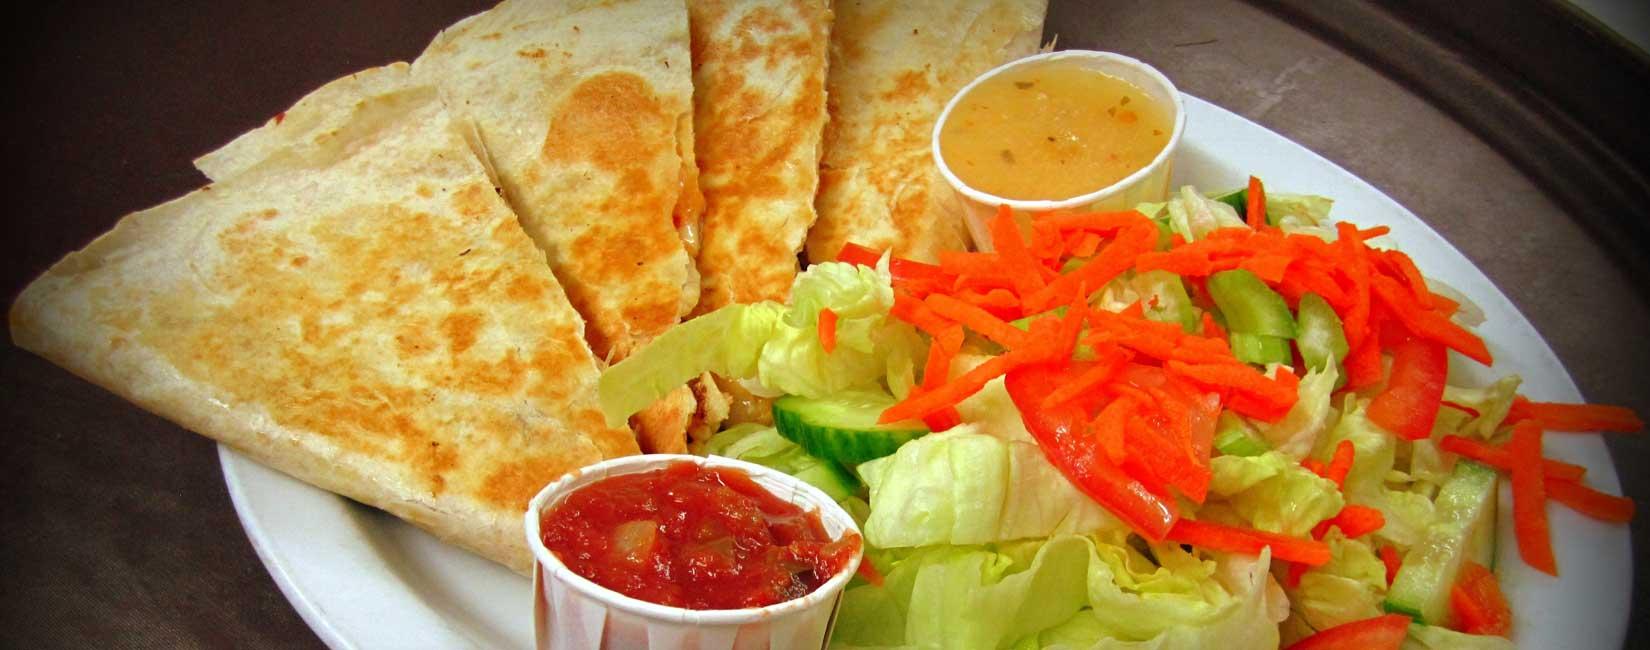 Où trouver des repas qui valent le détour durant un long voyage en voiture au Canada ?